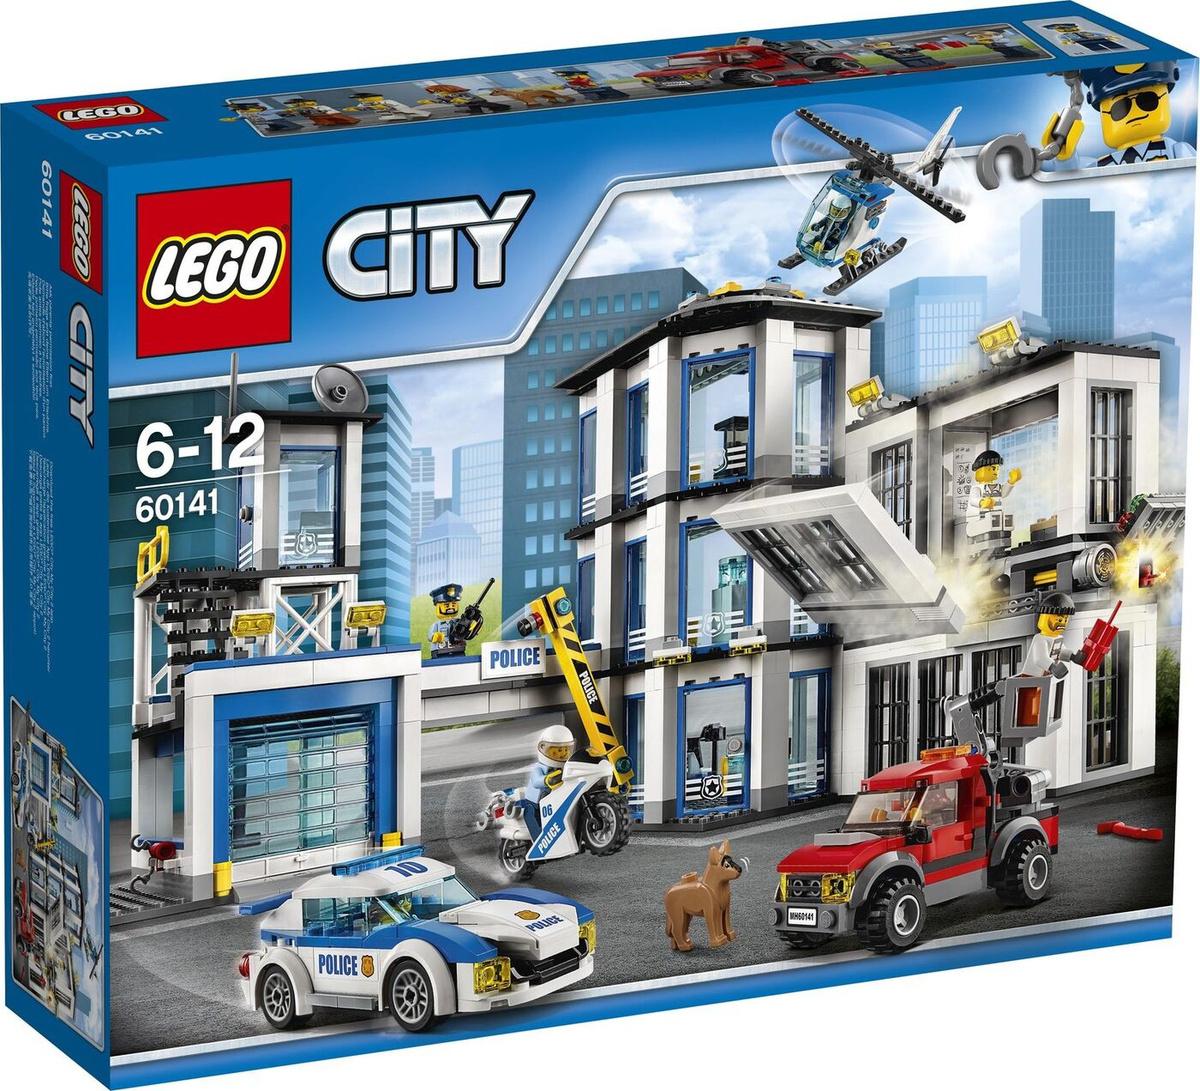 Конструктор LEGO City 60141 Полицейский участок #1